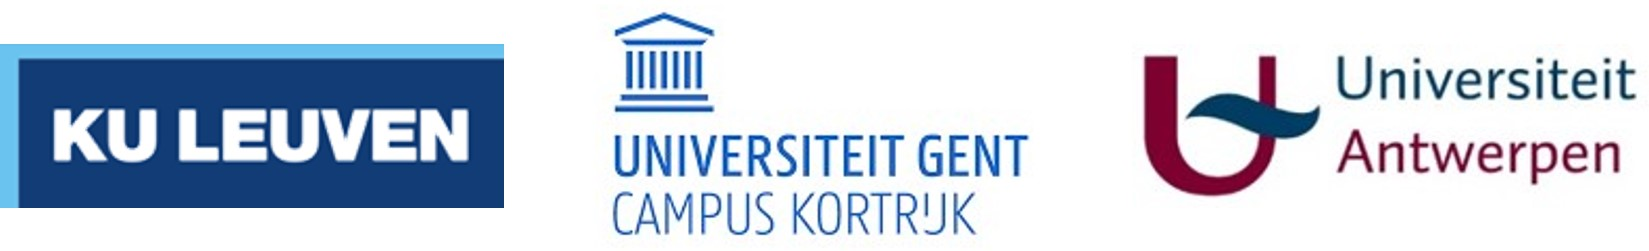 Logos Kenniscentra